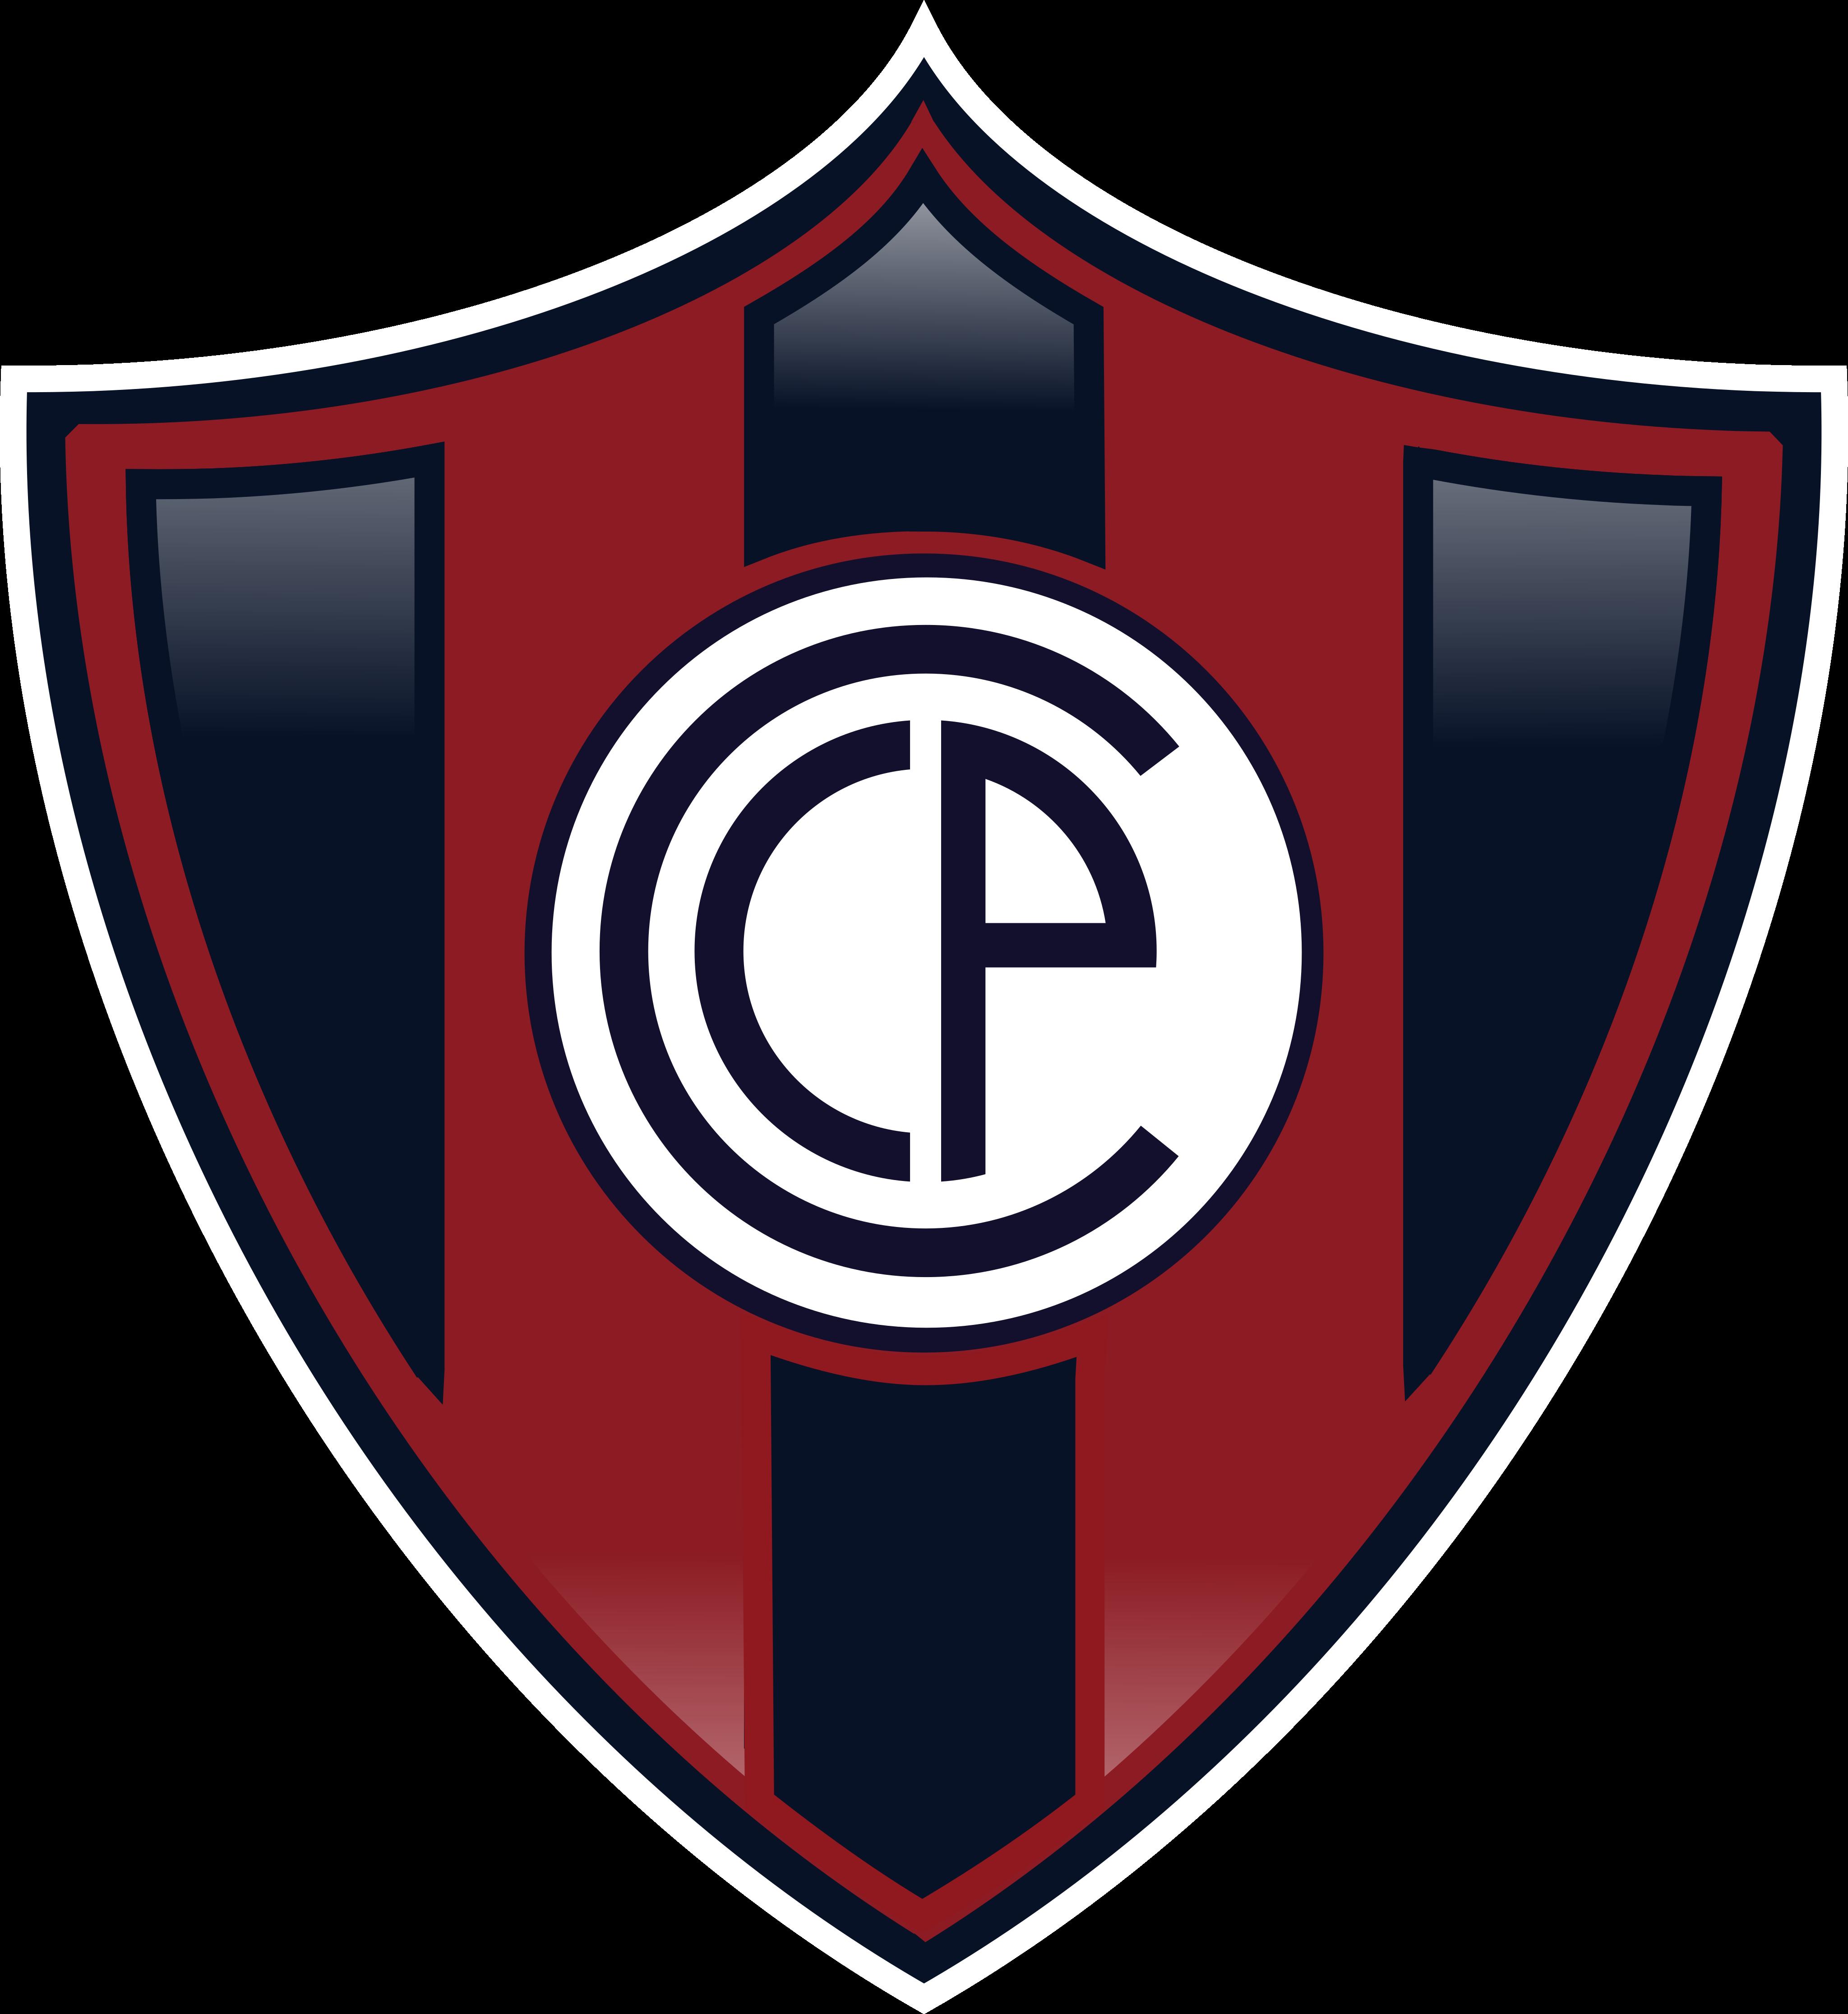 cerro porteno logo 8 - Cerro Porteño Logo